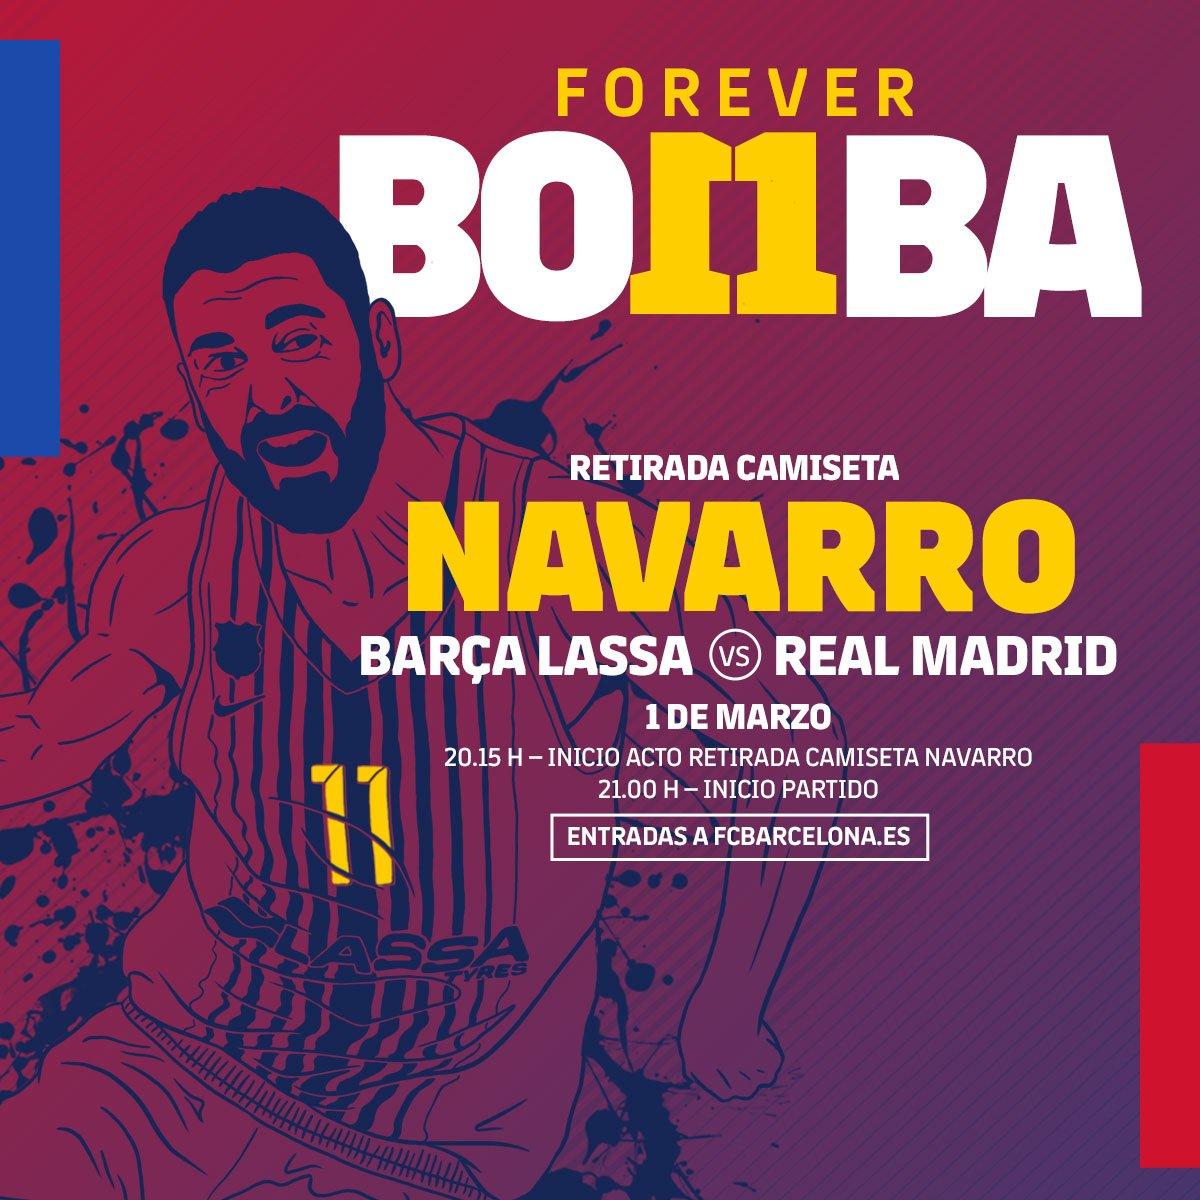 📆 Este viernes jugamos a las 21h vs @RMBaloncesto en el Palau  🏀🔝 No te pierdas el acto de la retirada de la camiseta de Juan Carlos Navarro a partir de las 20:15h. Apertura de puertas a las 19:30h   🔵🔴 #ForçaBarça!